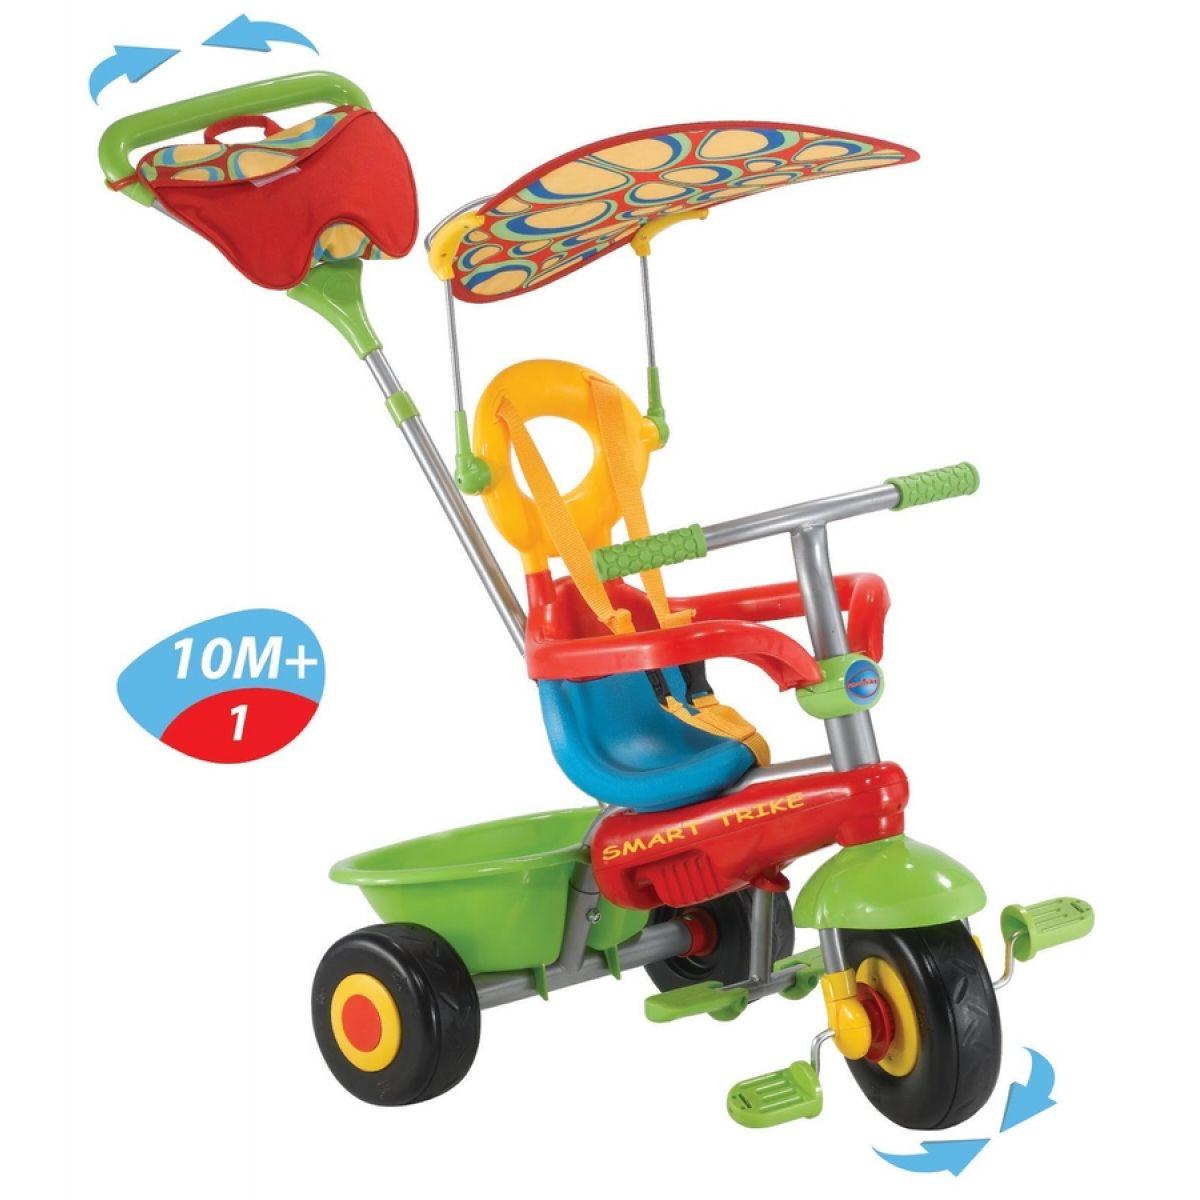 Smart Trike Tříkolka Plus Fresh červeno-zelená